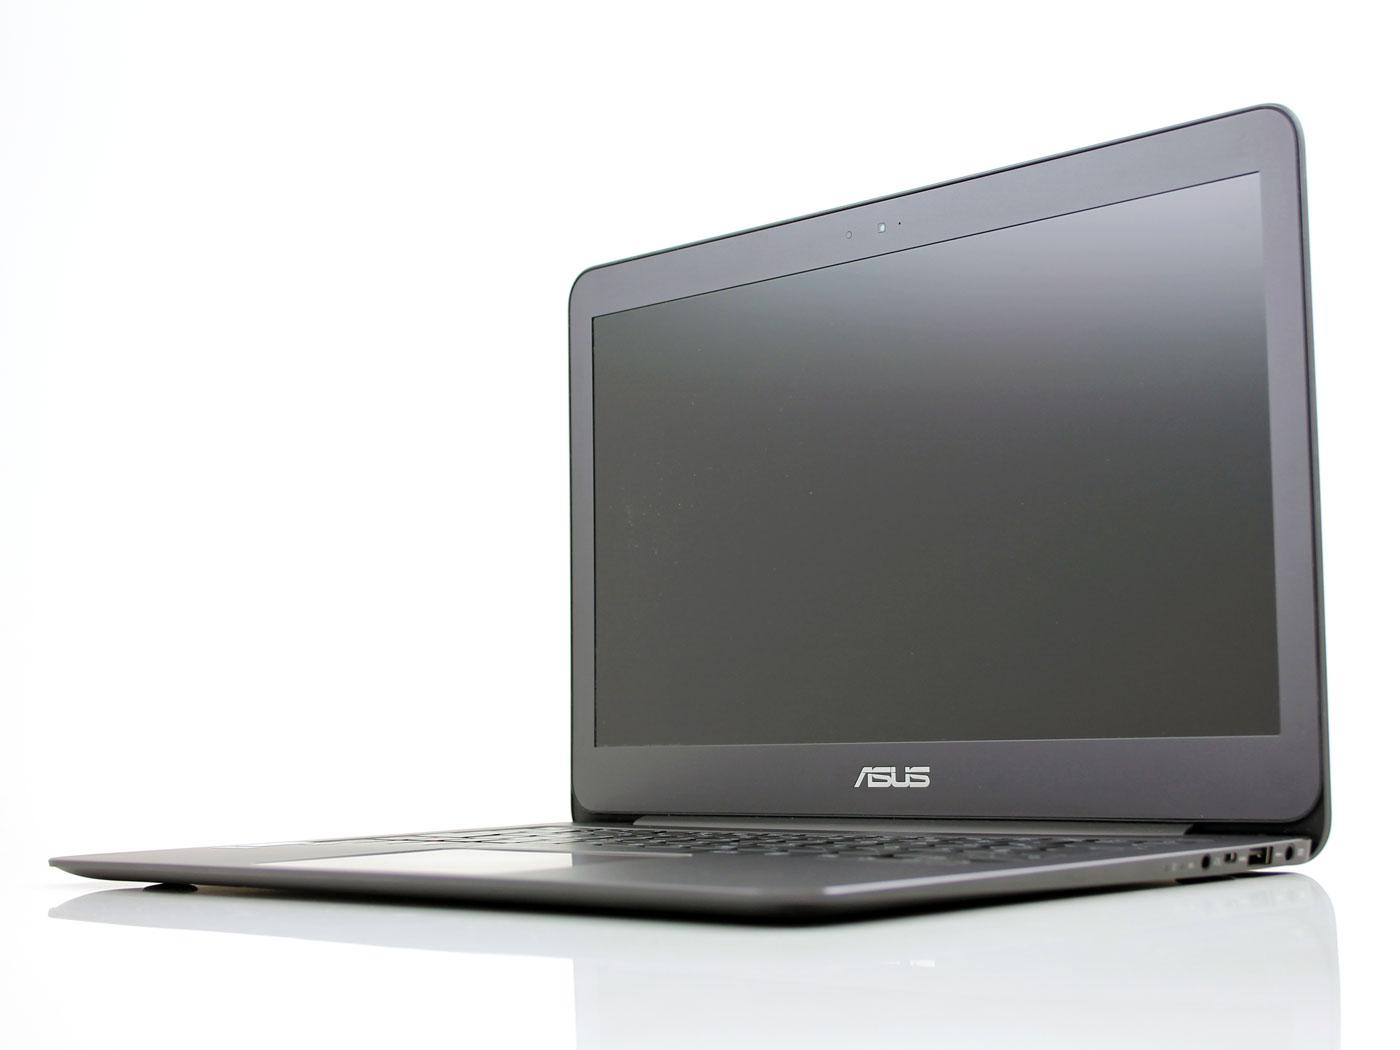 ASUS ZENBOOK UX302LG Realtek LAN Drivers Update